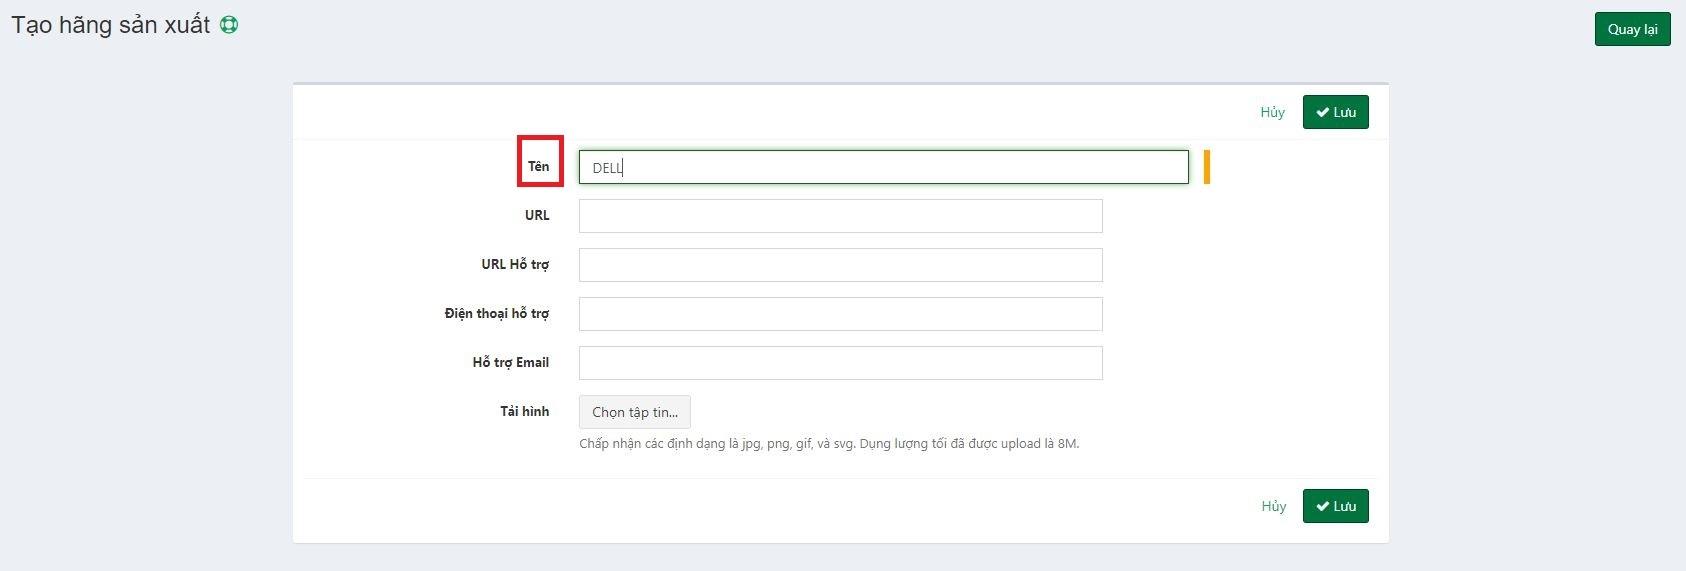 ITFORVN.COM taonhasanxuat SnipeIT – Hướng dẫn sử dụng (P1 – Cơ bản)